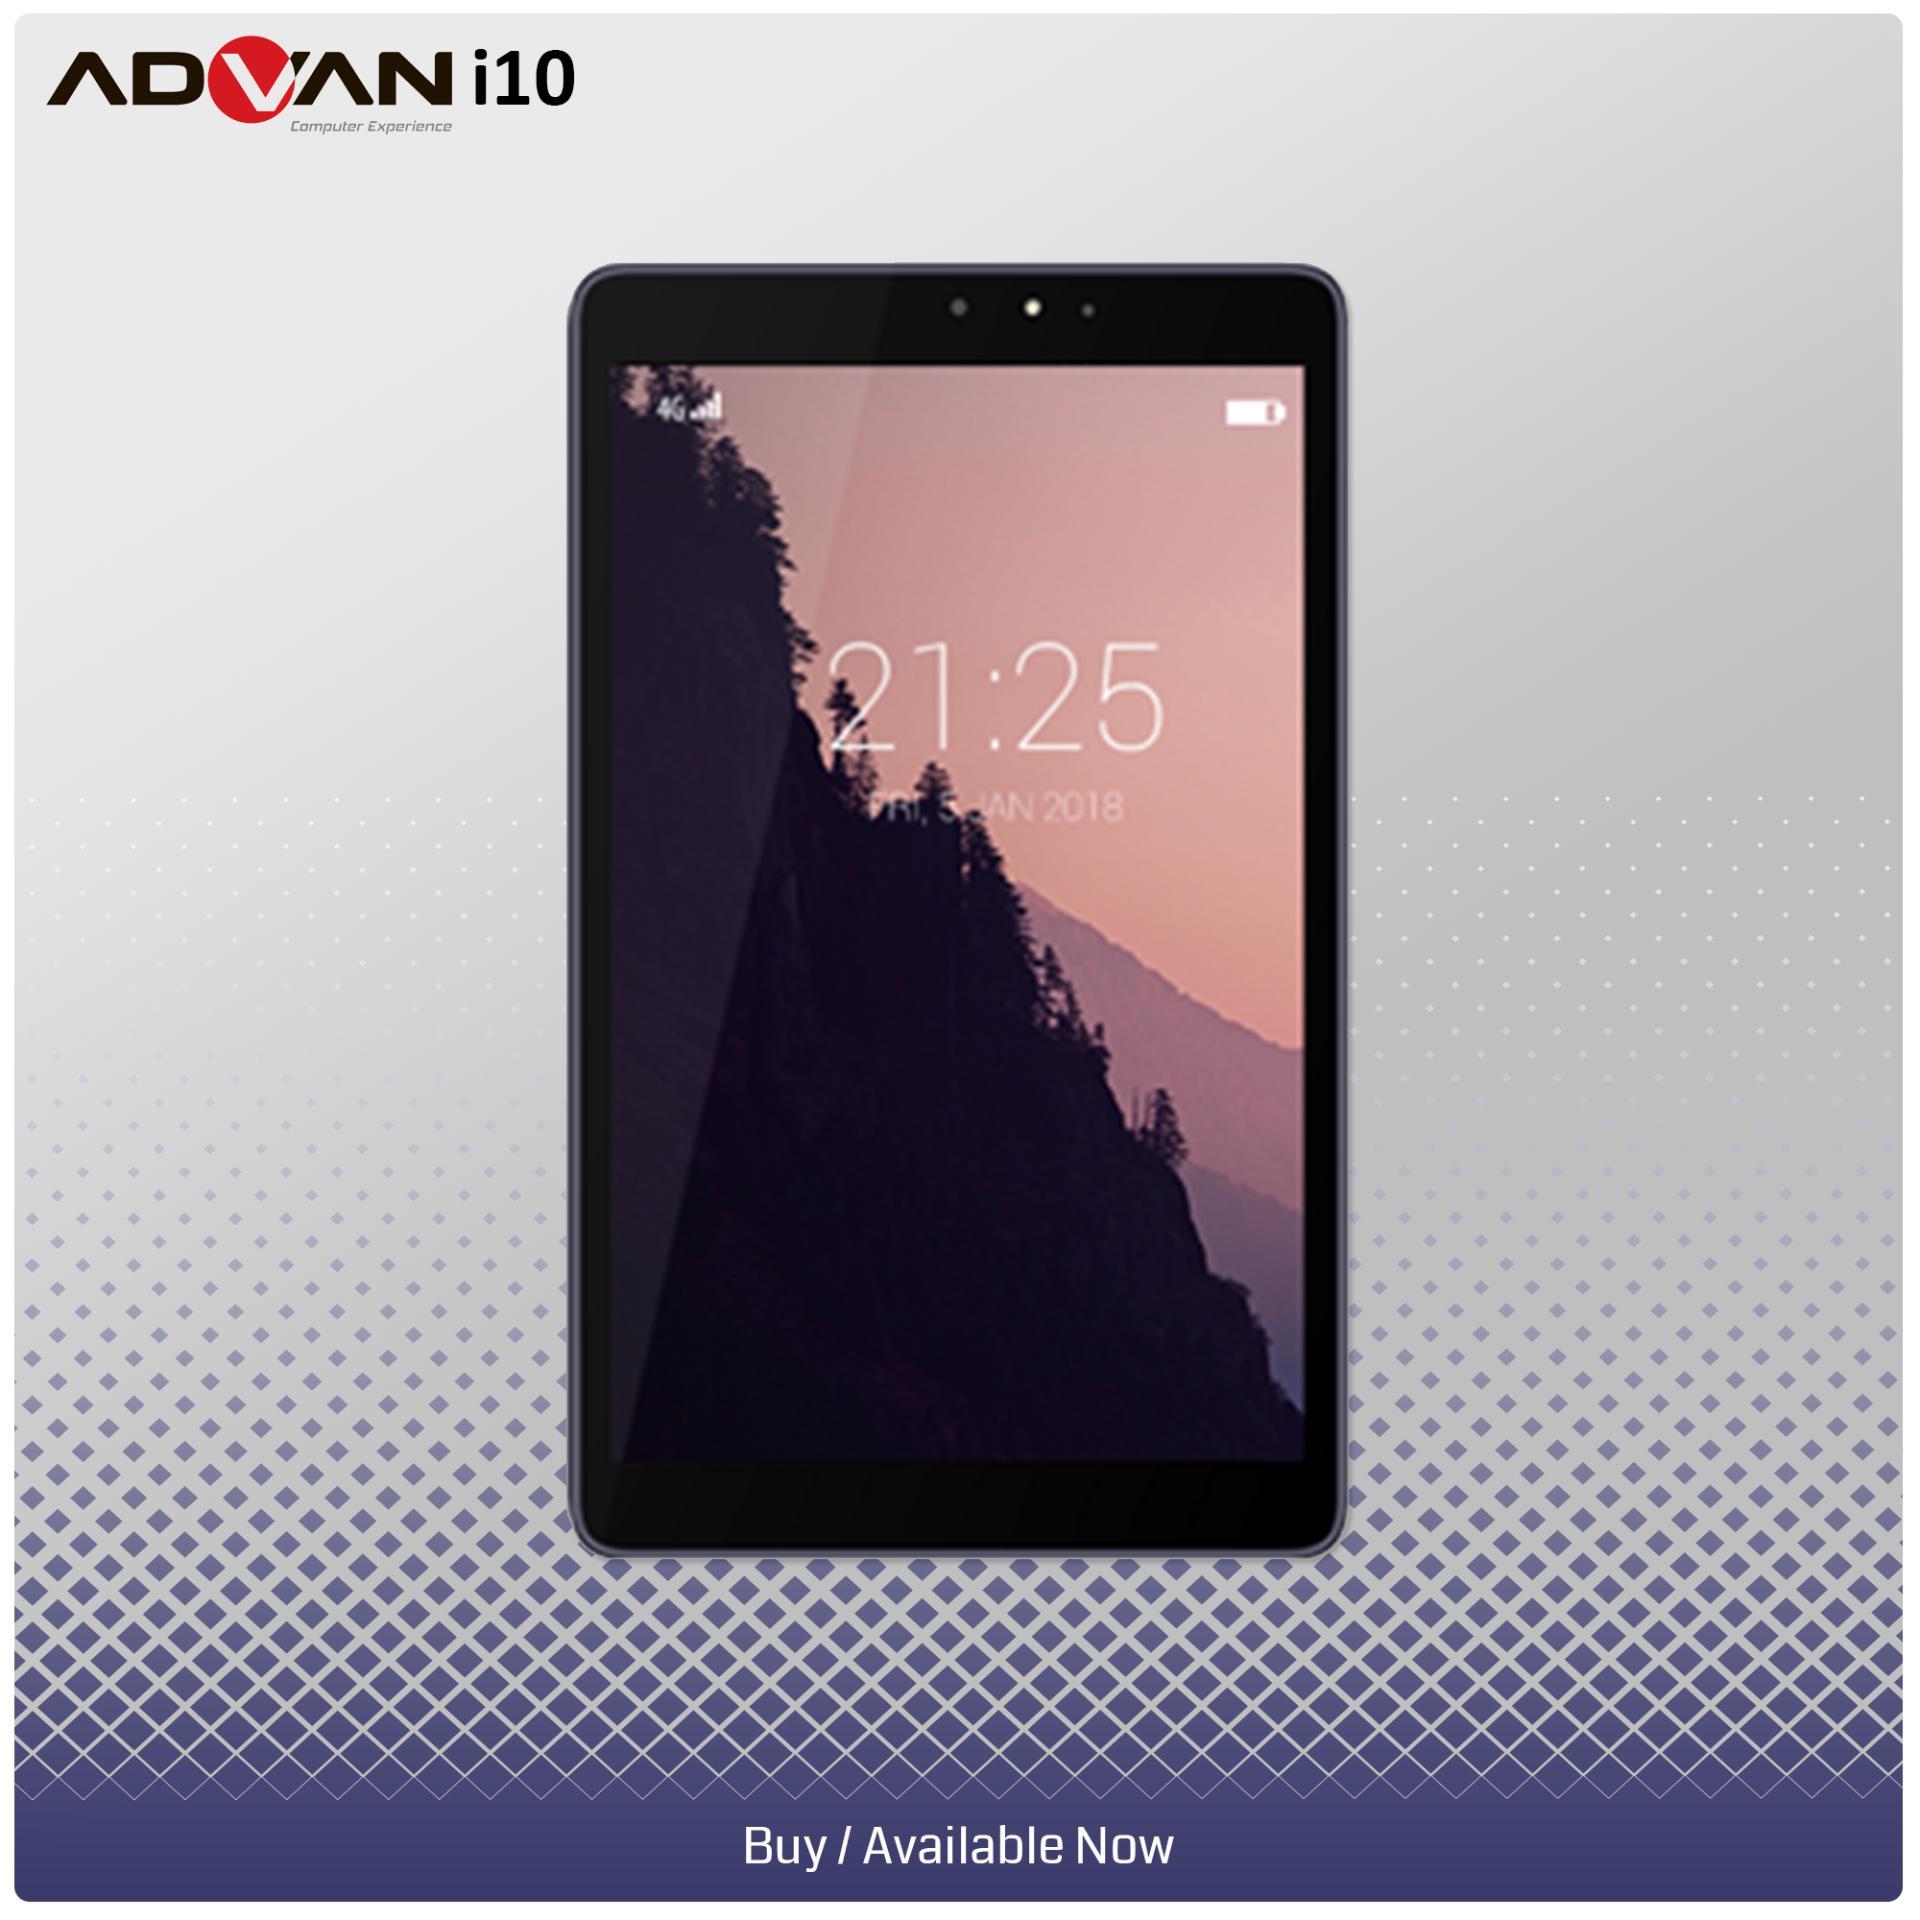 Jual Tablet Advan Terbaru Vandroid S5j 8gb I10 10 Inch 4g Lte 2gb Ram 6000mah